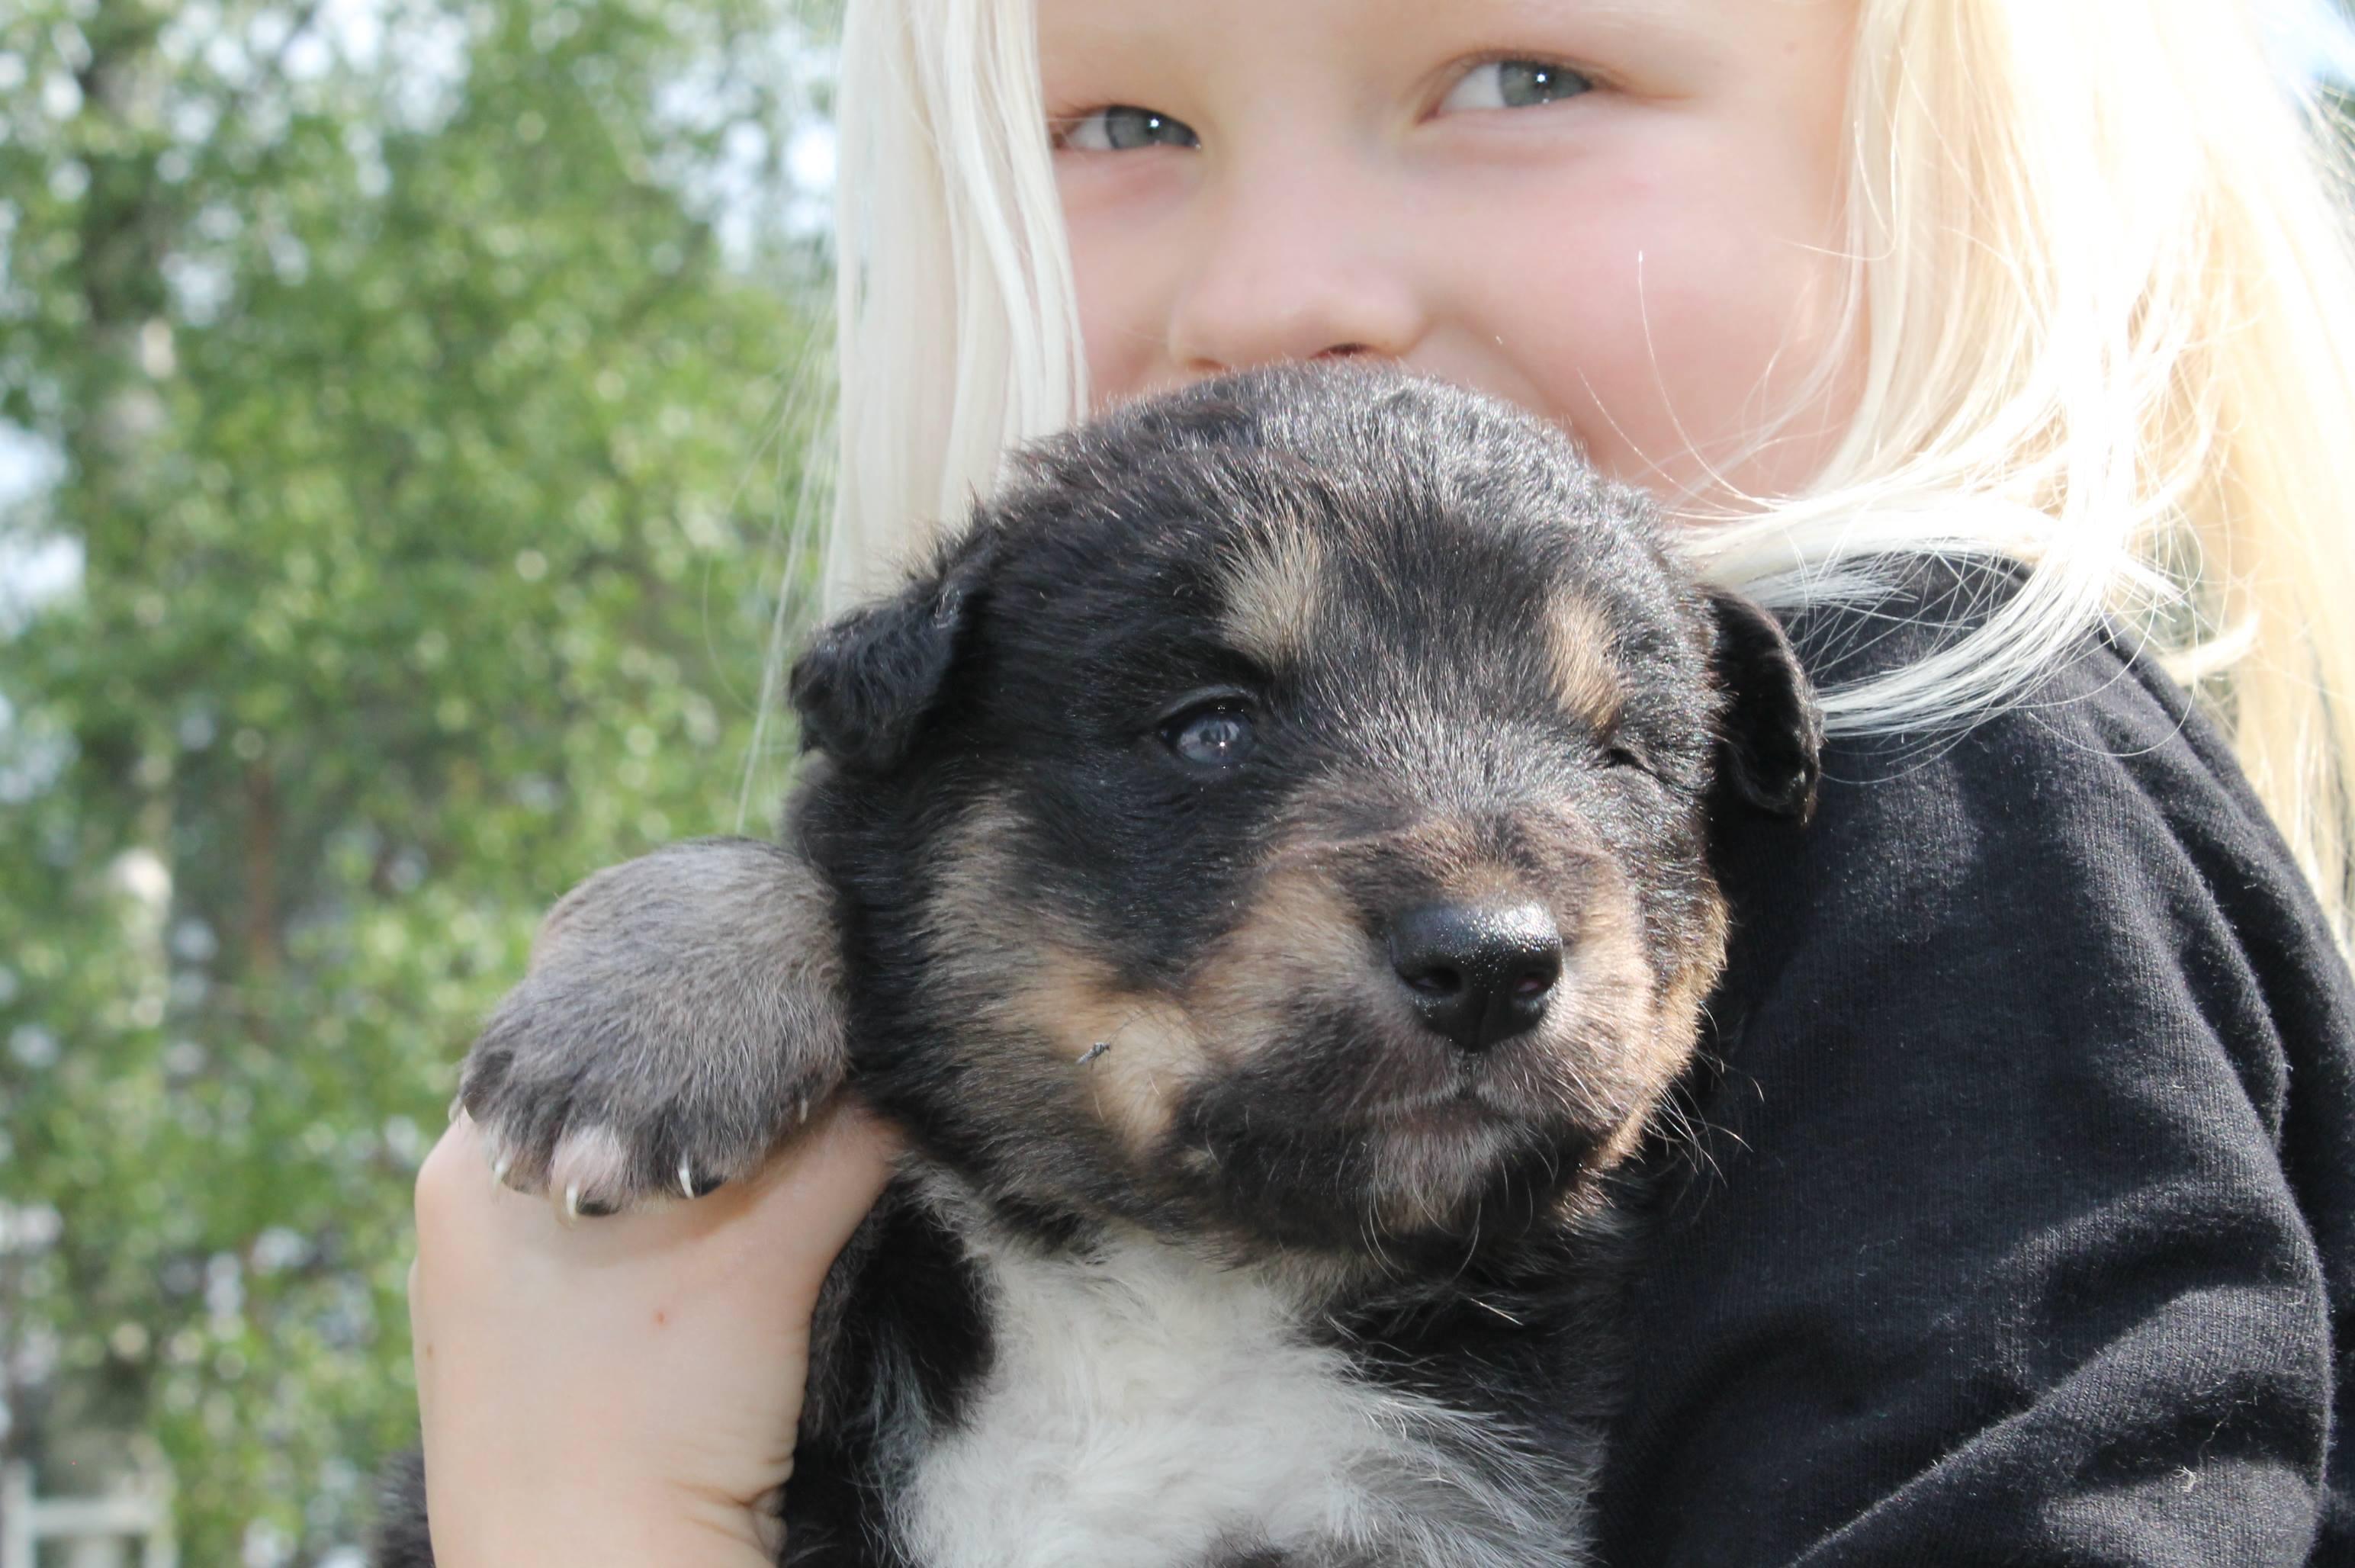 Helsinki koirakurssilla alle 15-vuotias lapsi oppii käsittelemään koiraa